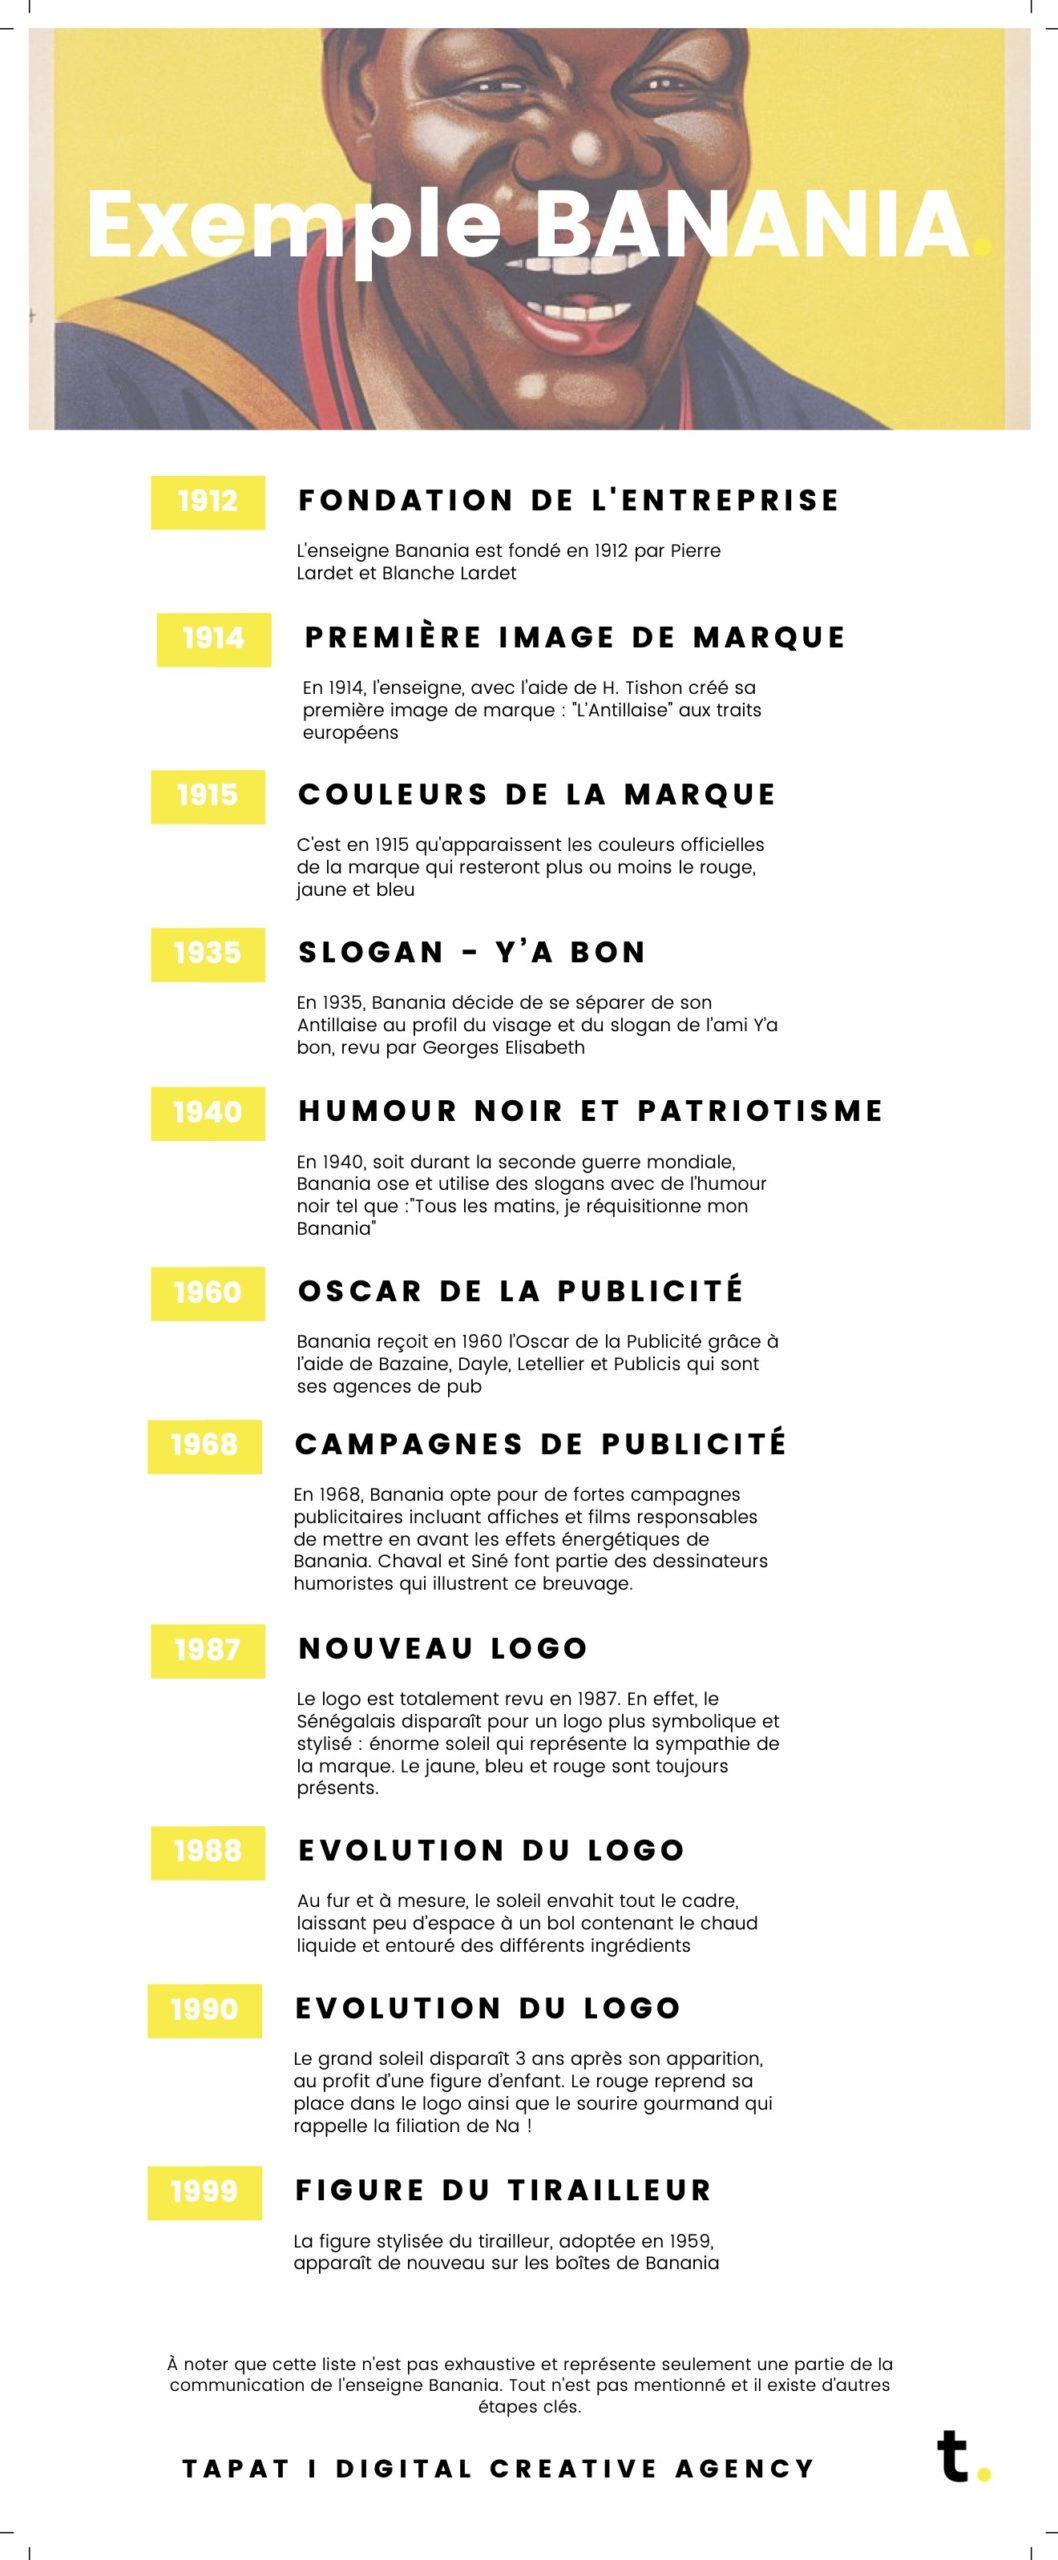 infographie du mois : évolution du design - exemple : Banania